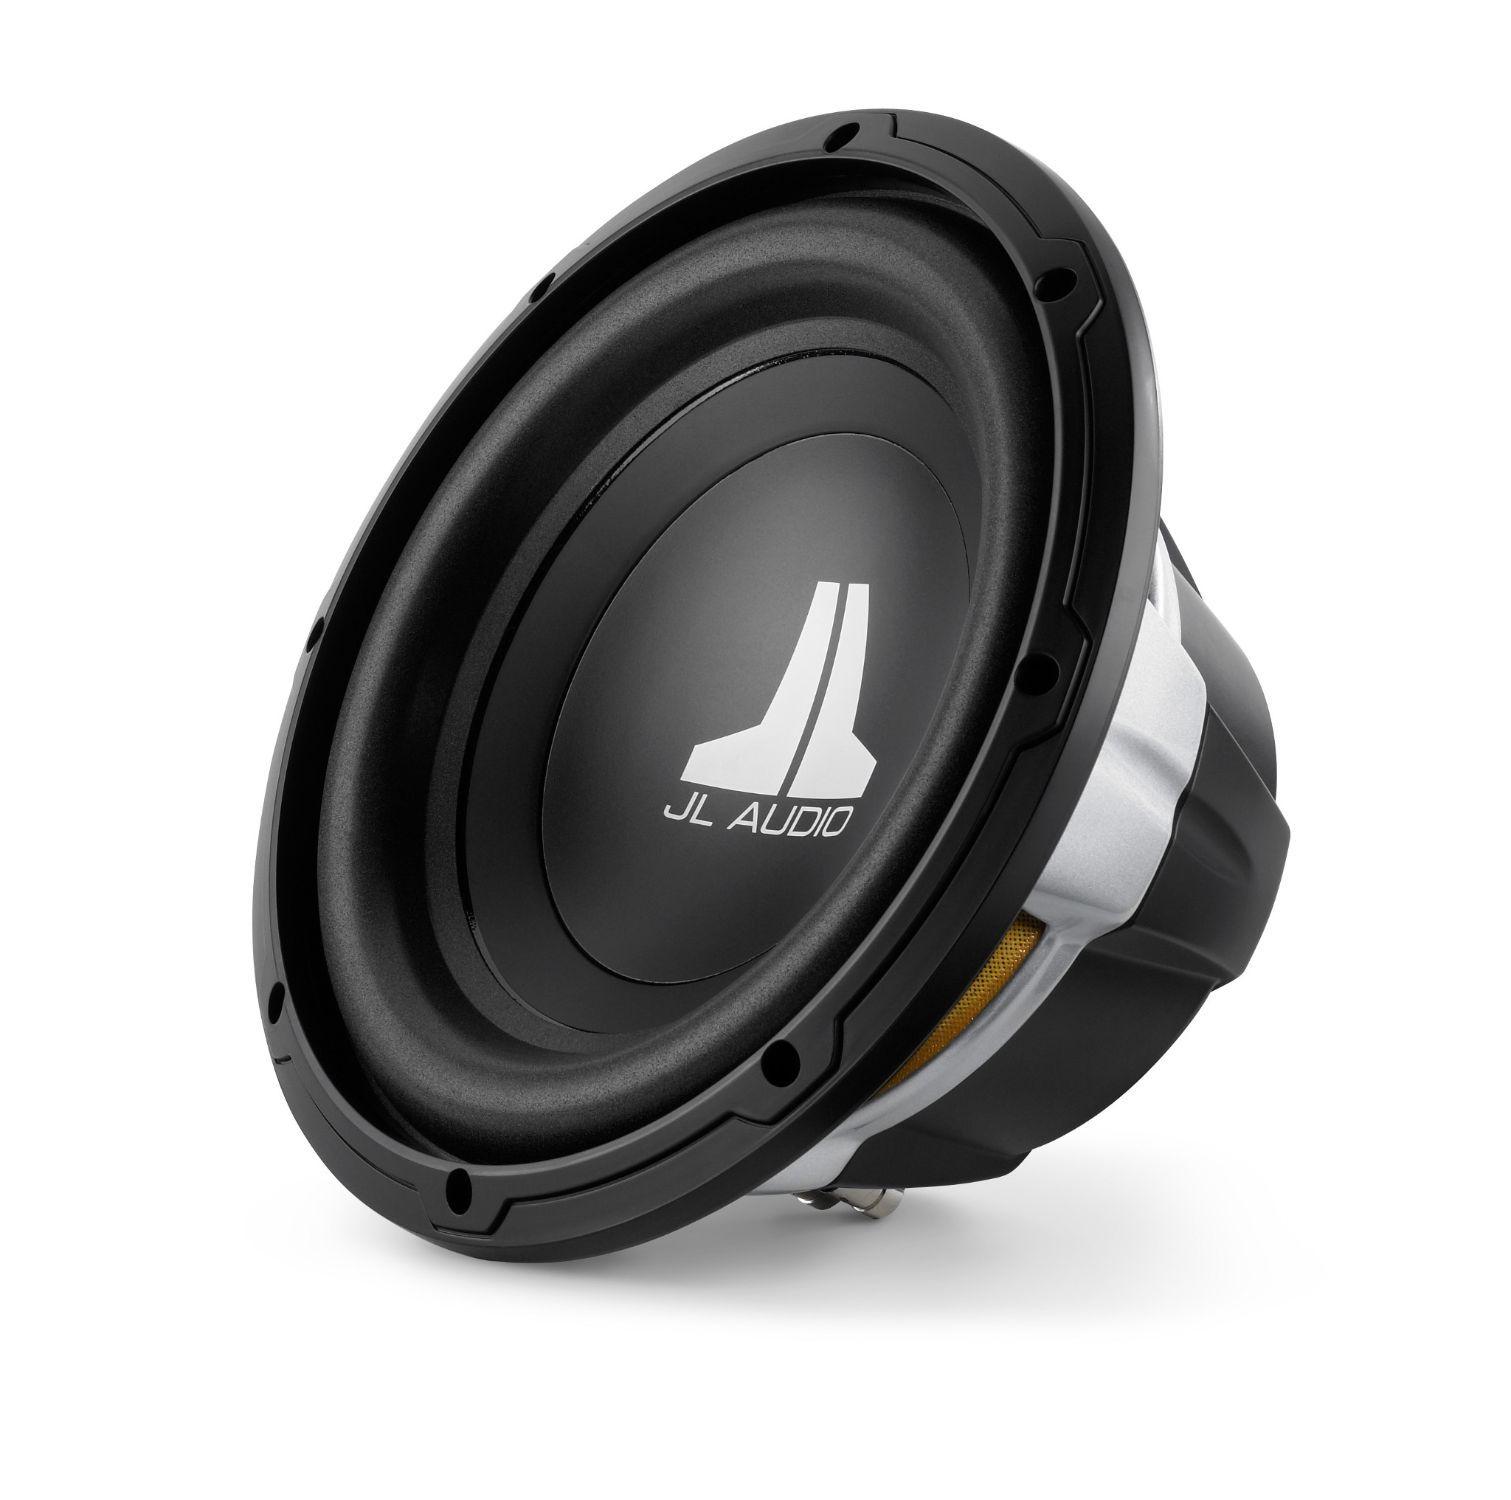 JL Audio-10w0v3 Flt-life-style-store-Sydney-nsw